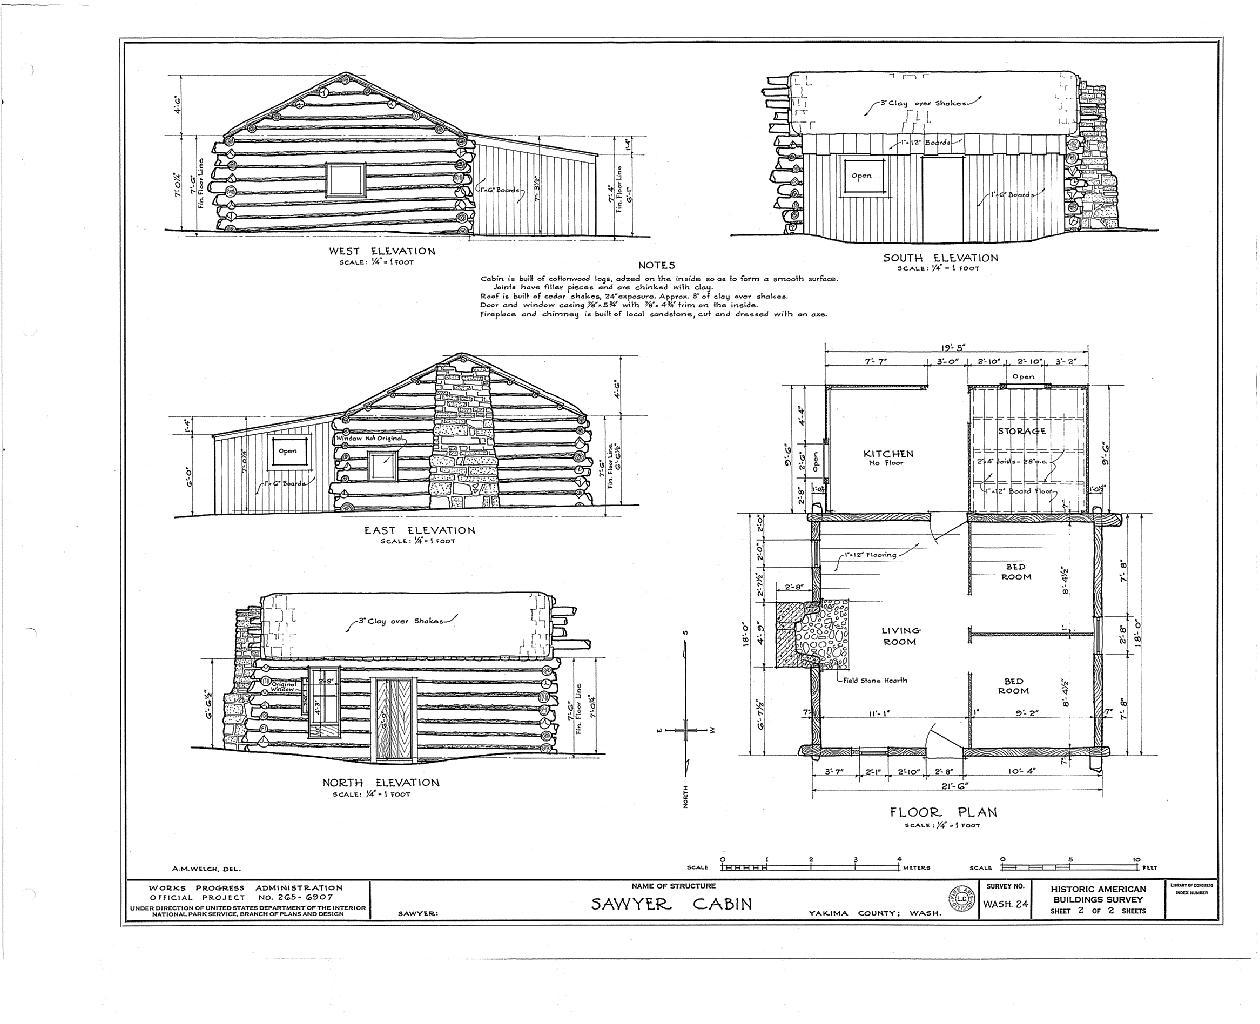 File:W. P. Sawyer Cabin, Sawyer, Yakima County, WA HABS